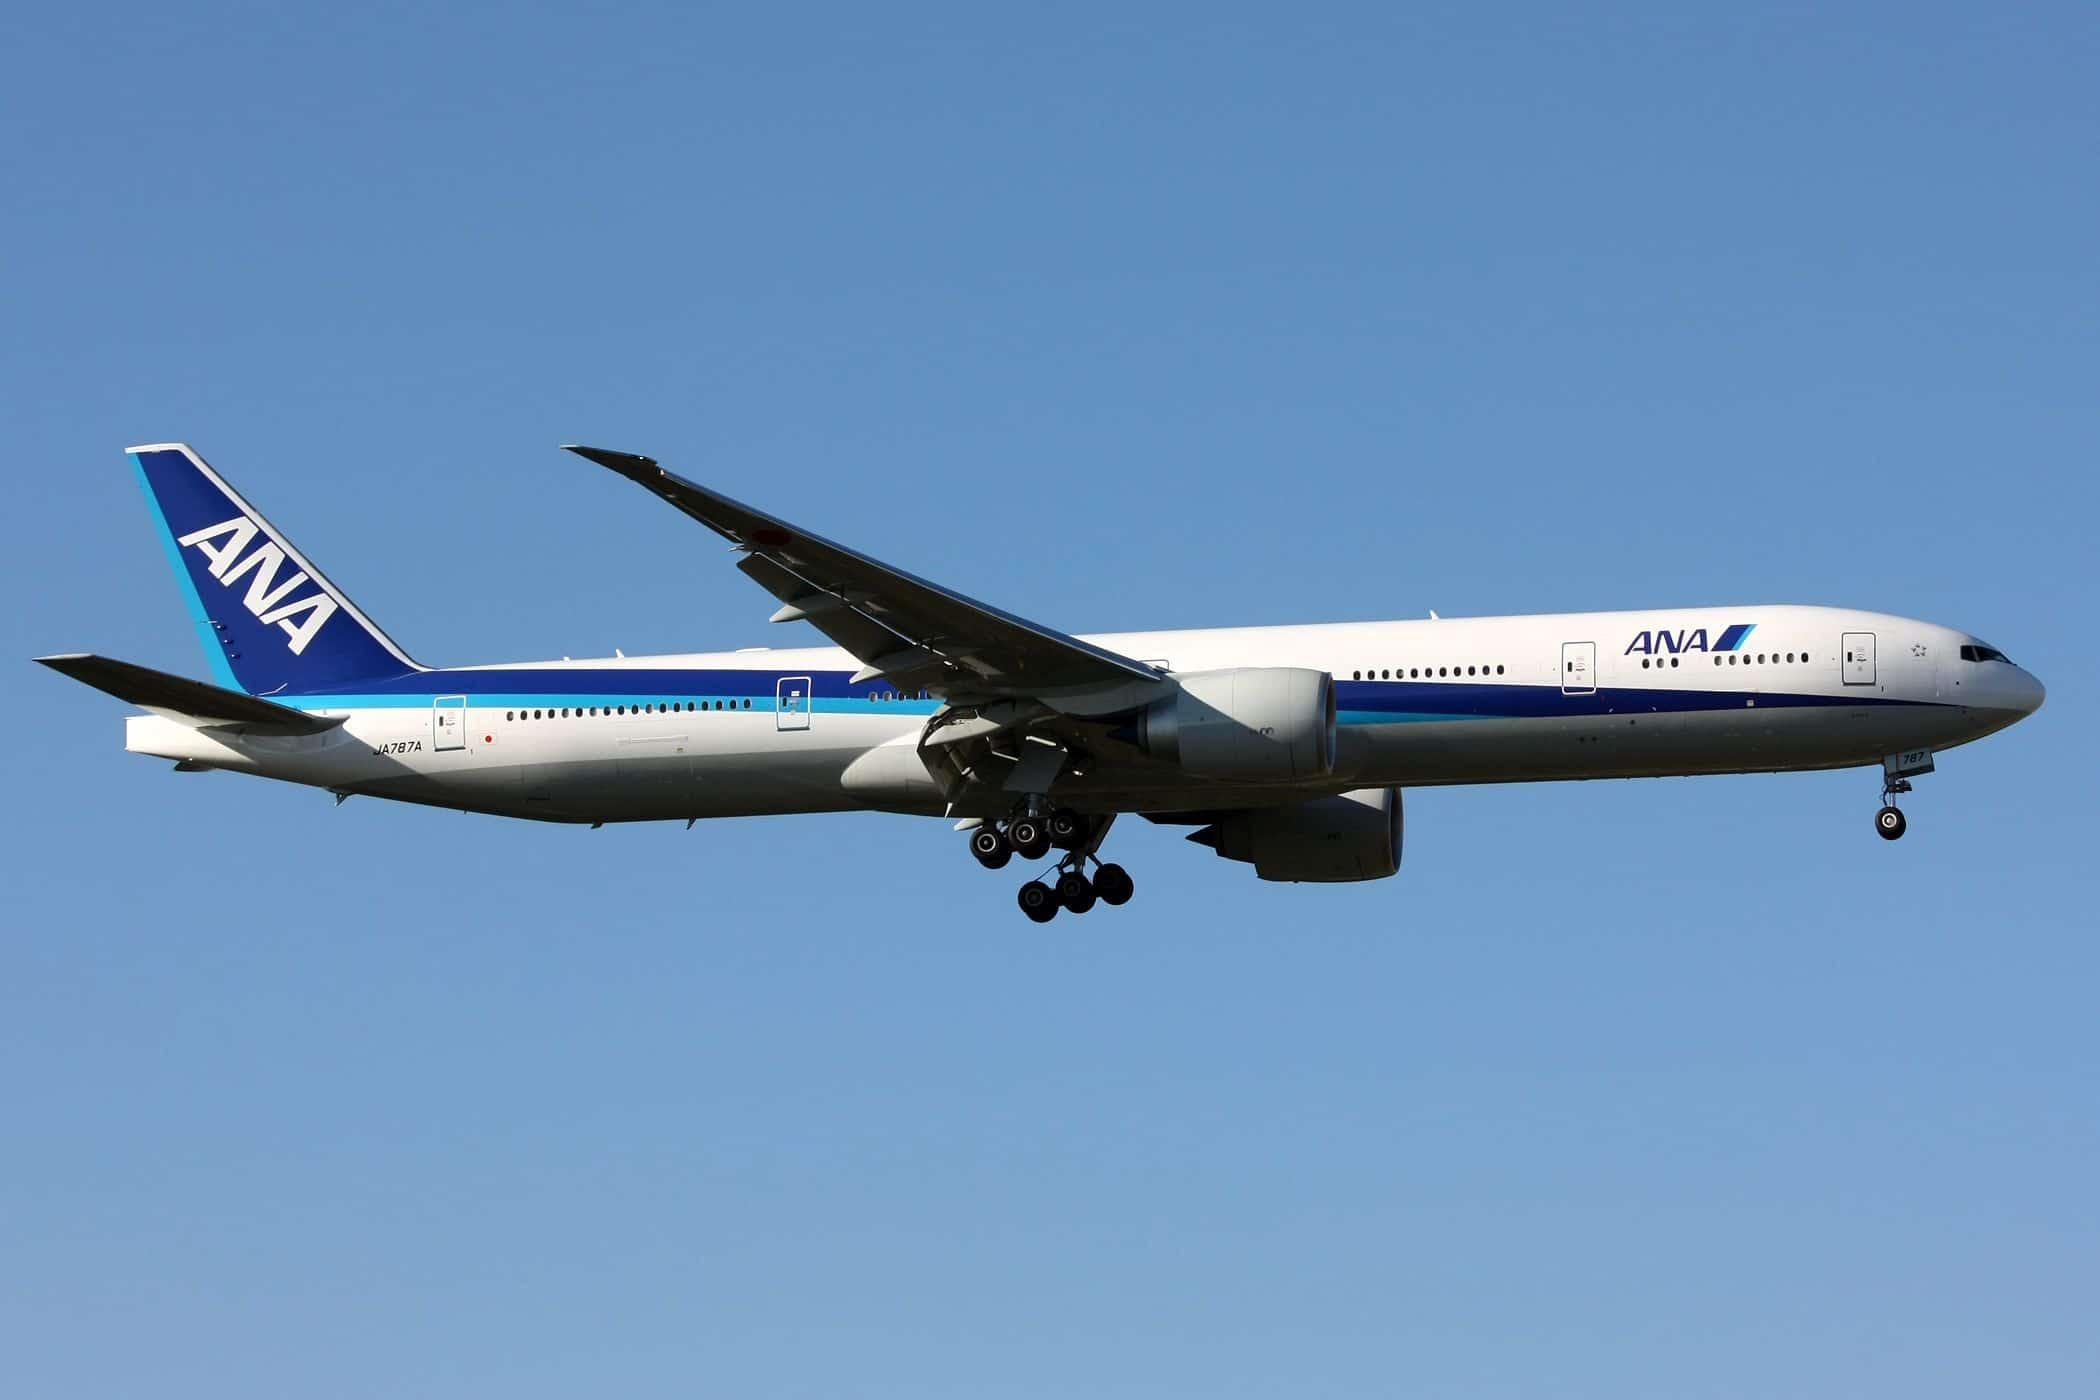 Un avion fait demi-tour au-dessus de l'océan à cause d'un passager qui s'est trompé d'avion